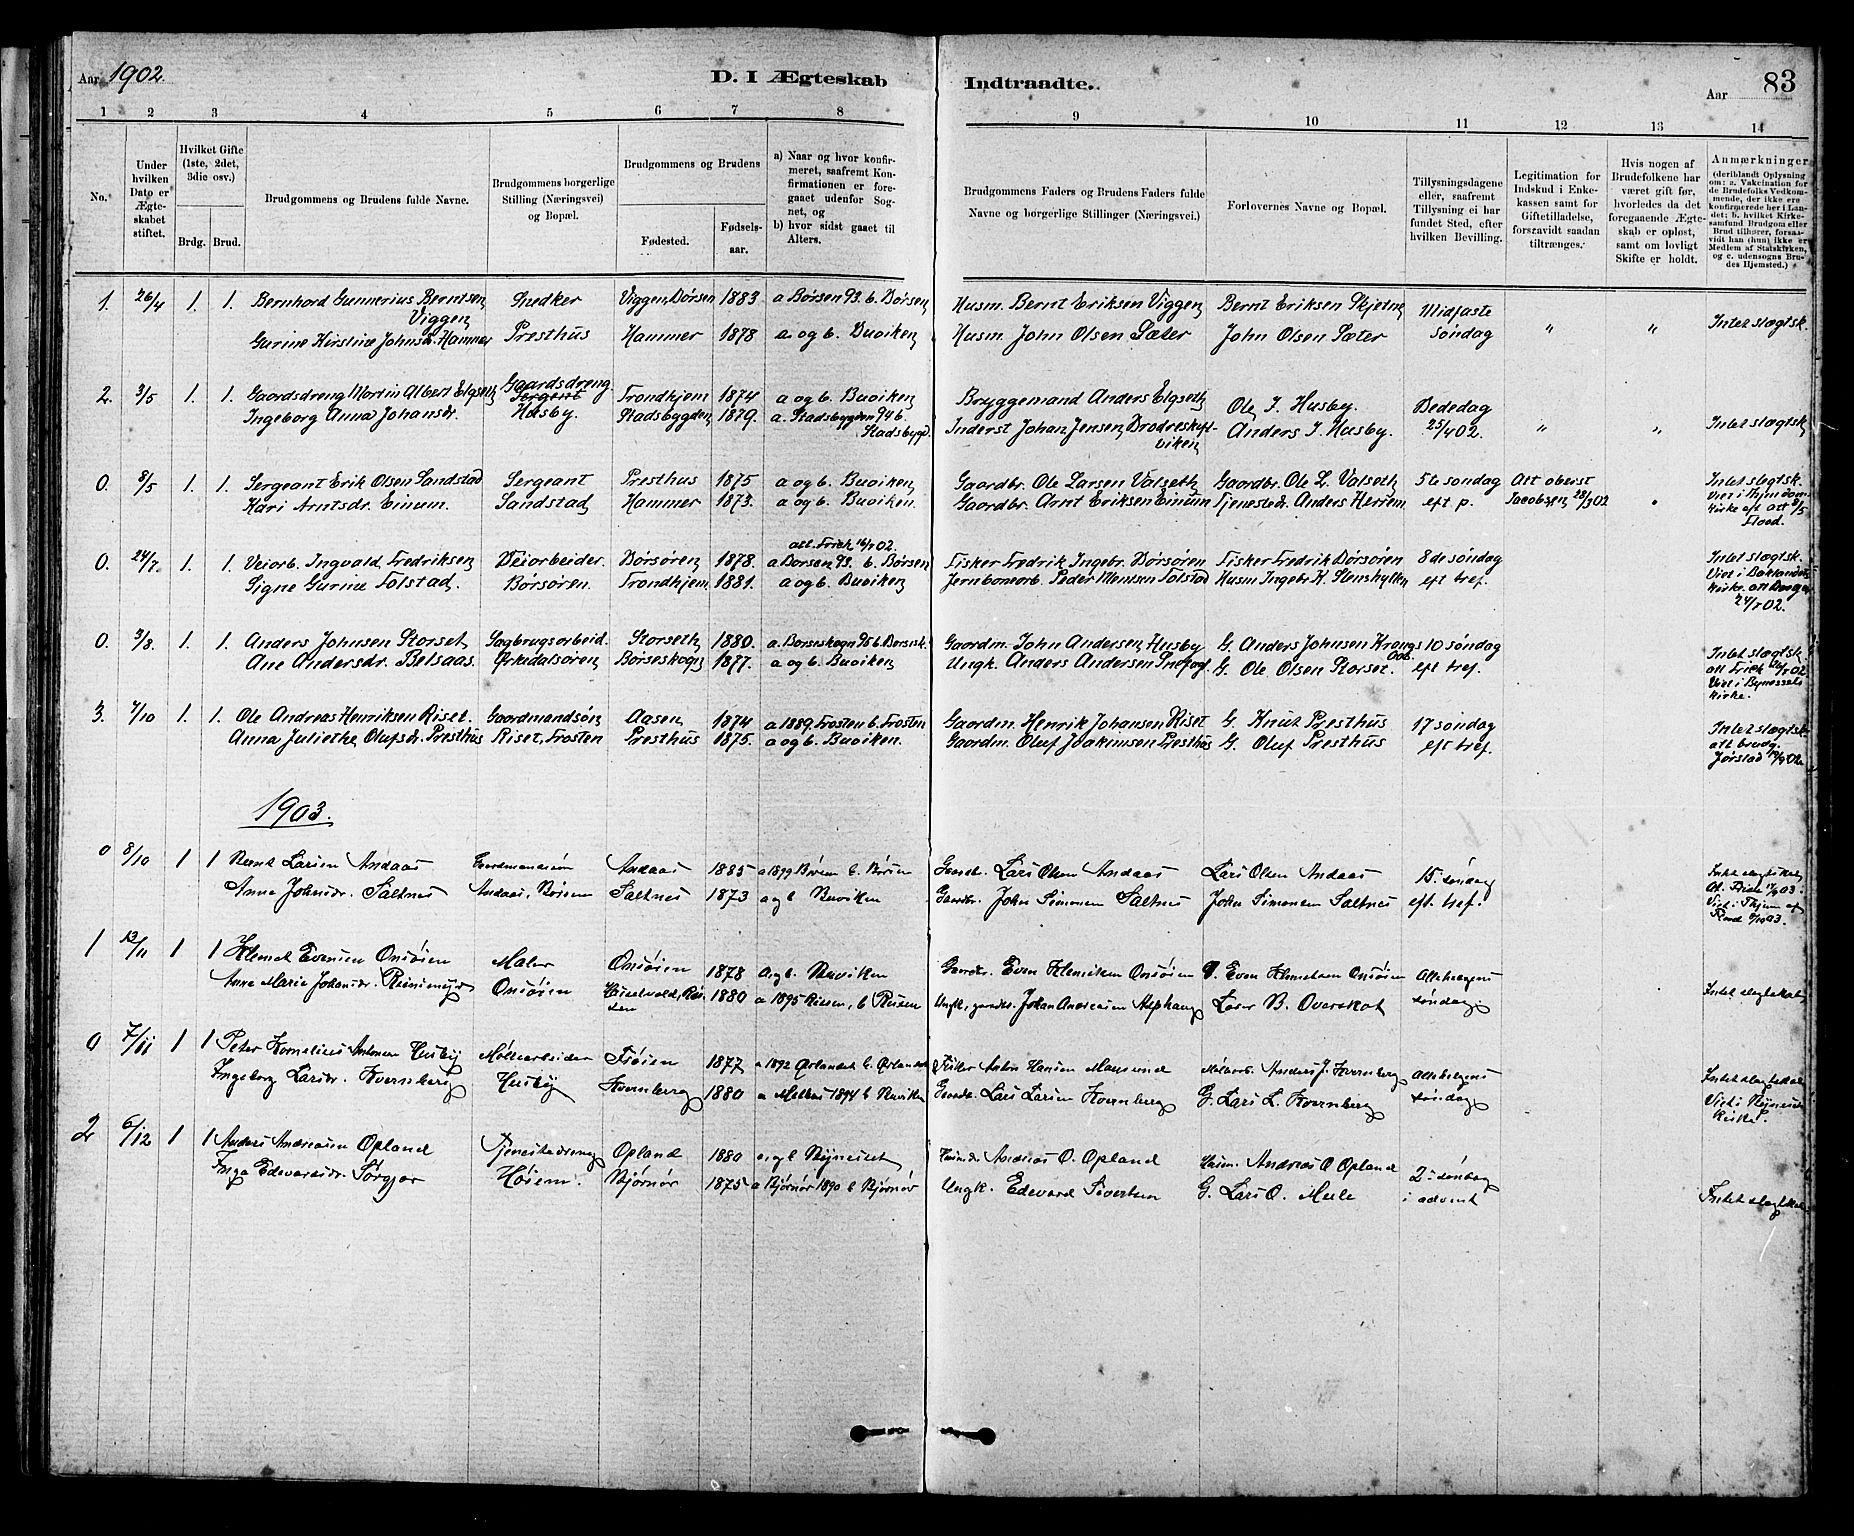 SAT, Ministerialprotokoller, klokkerbøker og fødselsregistre - Sør-Trøndelag, 666/L0790: Klokkerbok nr. 666C03, 1885-1908, s. 83